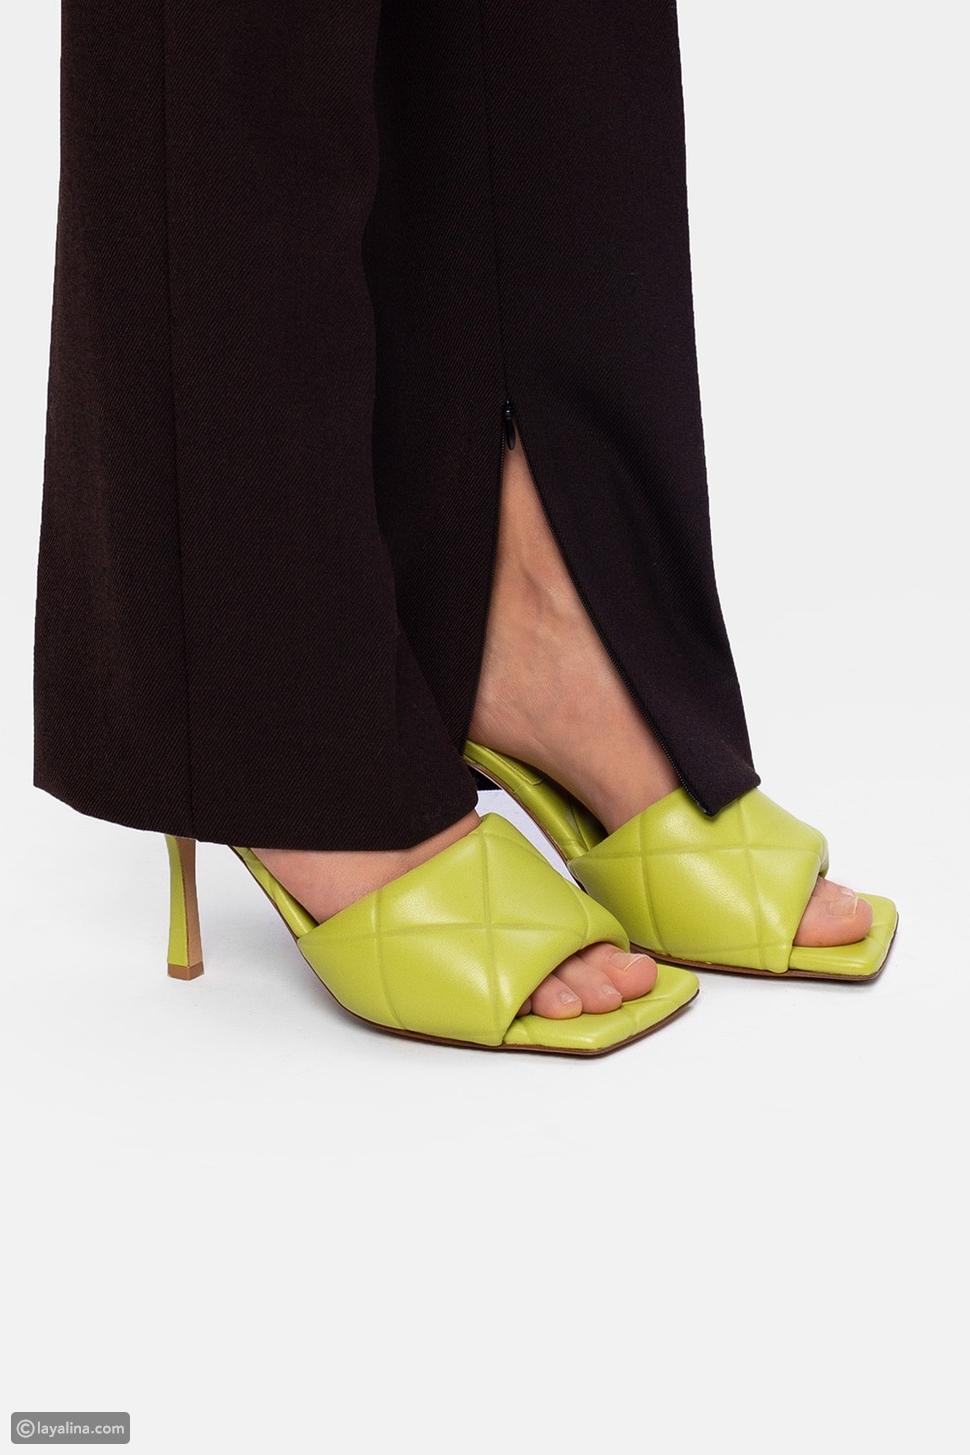 """صندل بوتيغا فينيتا بي في ليدو من الجلد """"Bottega Veneta BV Lido Leather Sandals"""""""